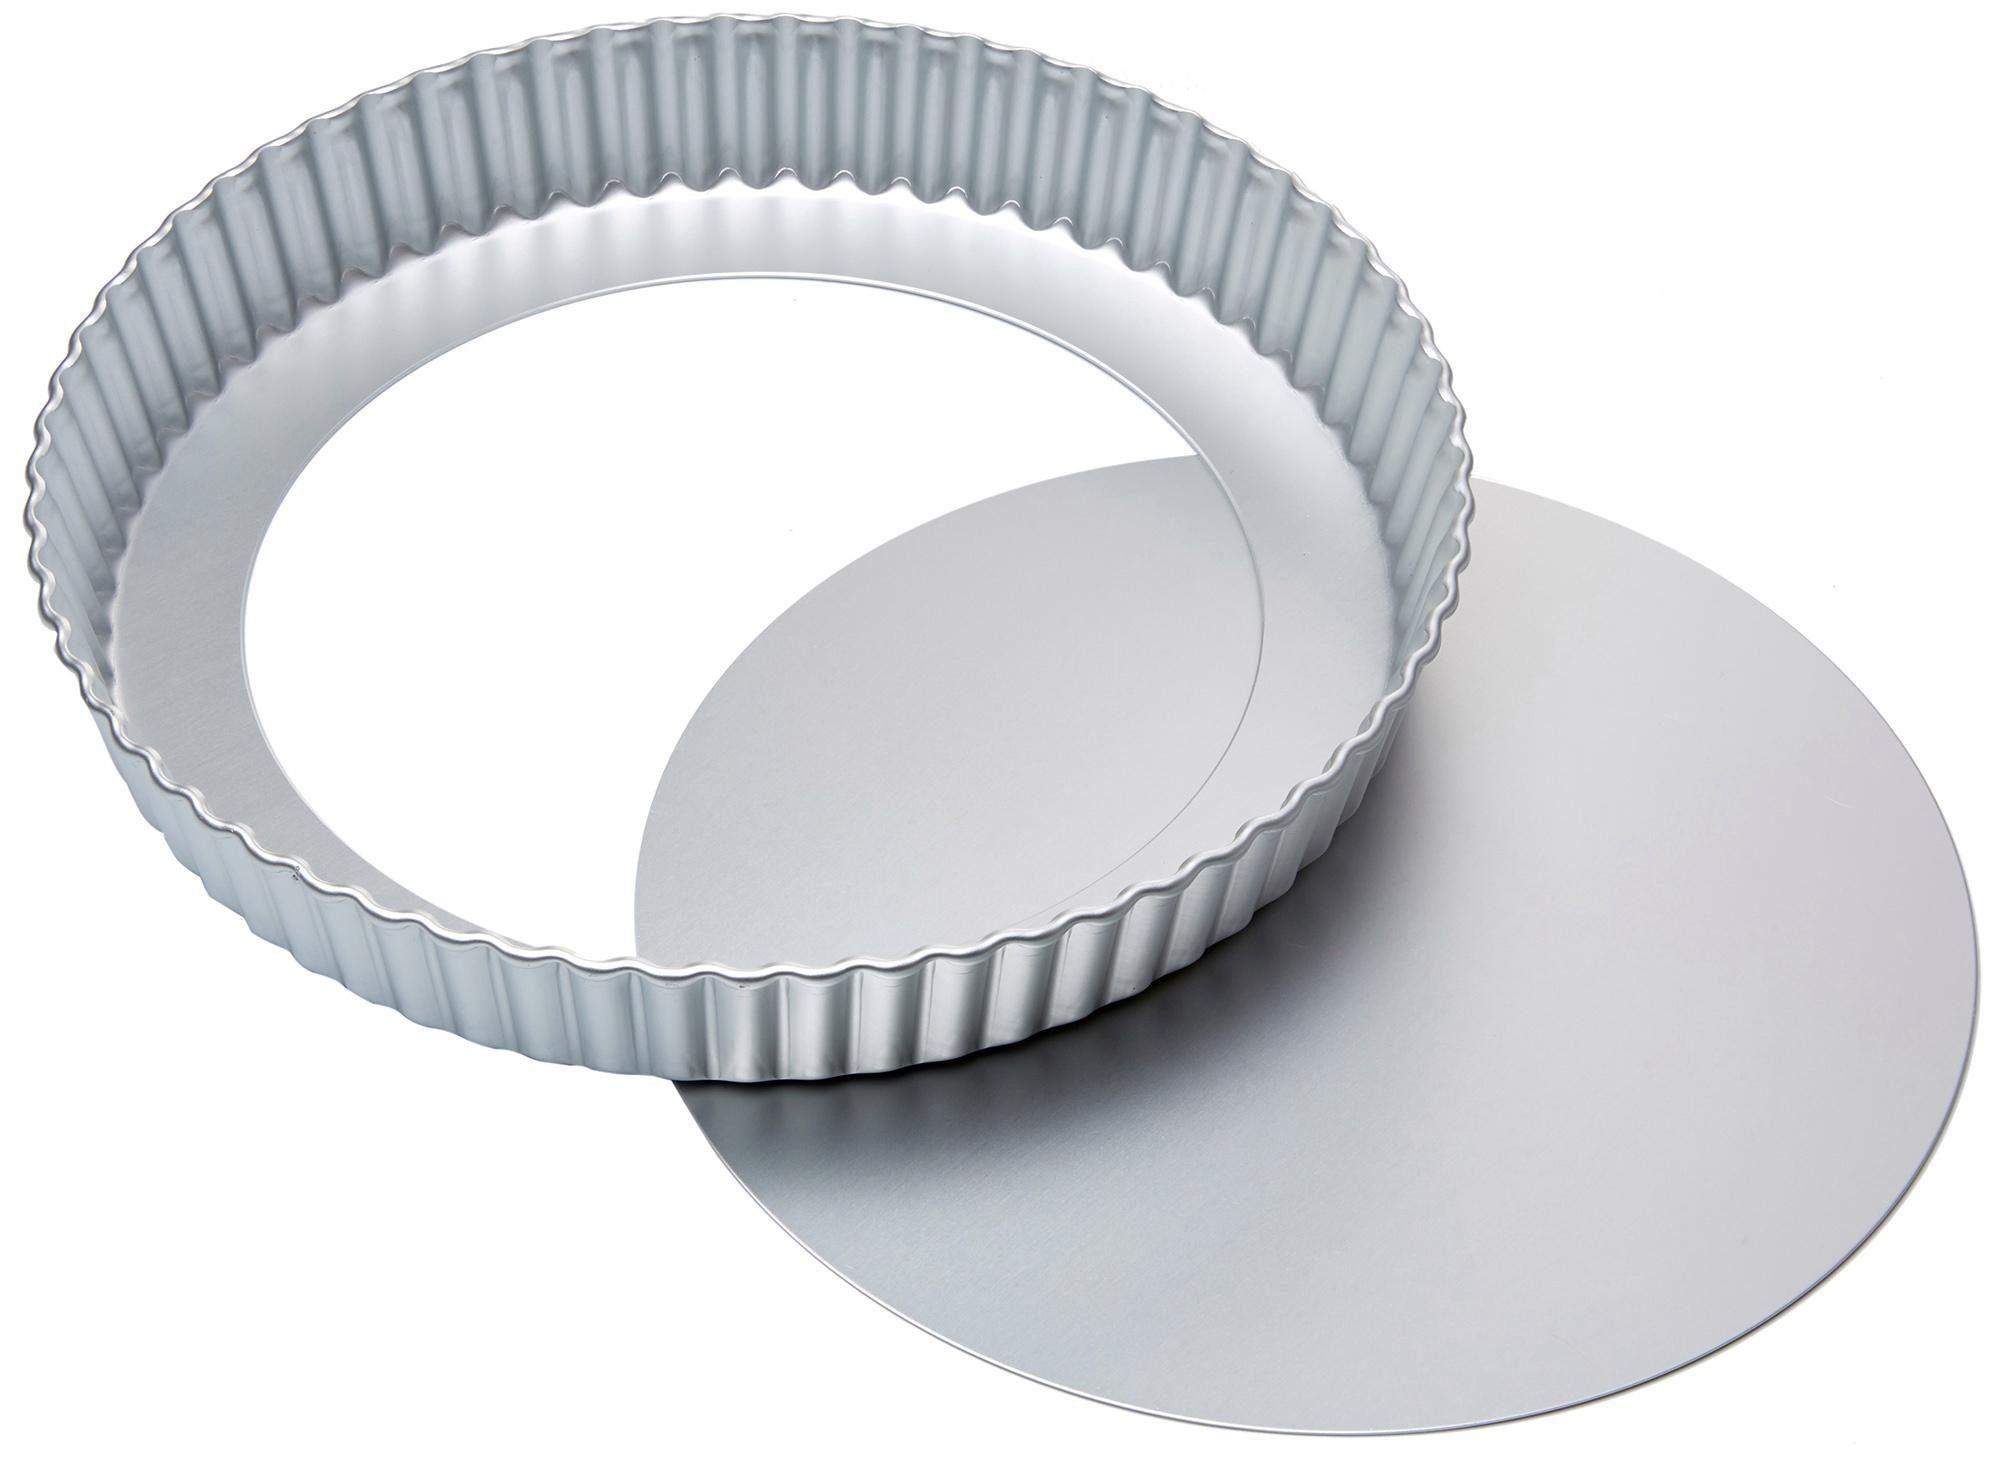 Cynthia Barcomi Pie- & Obstkuchenform, Aluminium, 3-teilig